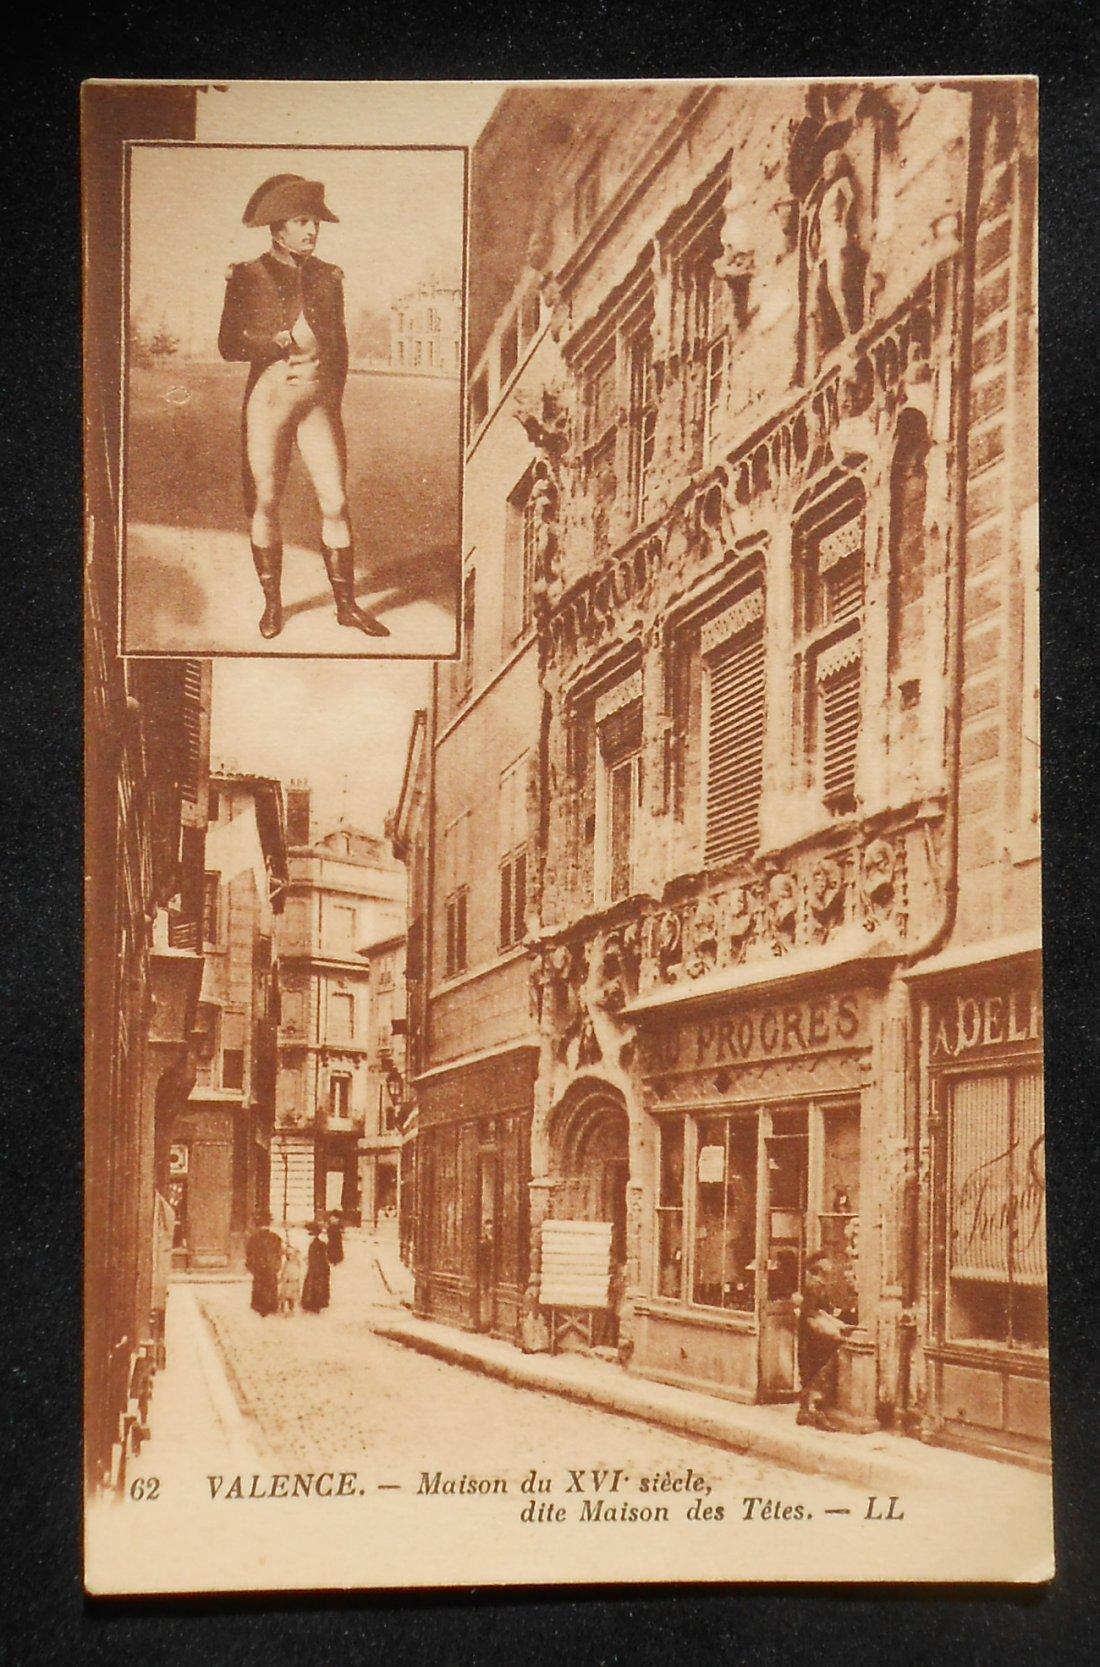 1910s maison du xvi siecle dite maison des t tes napoleon valence france dr me c ebay. Black Bedroom Furniture Sets. Home Design Ideas